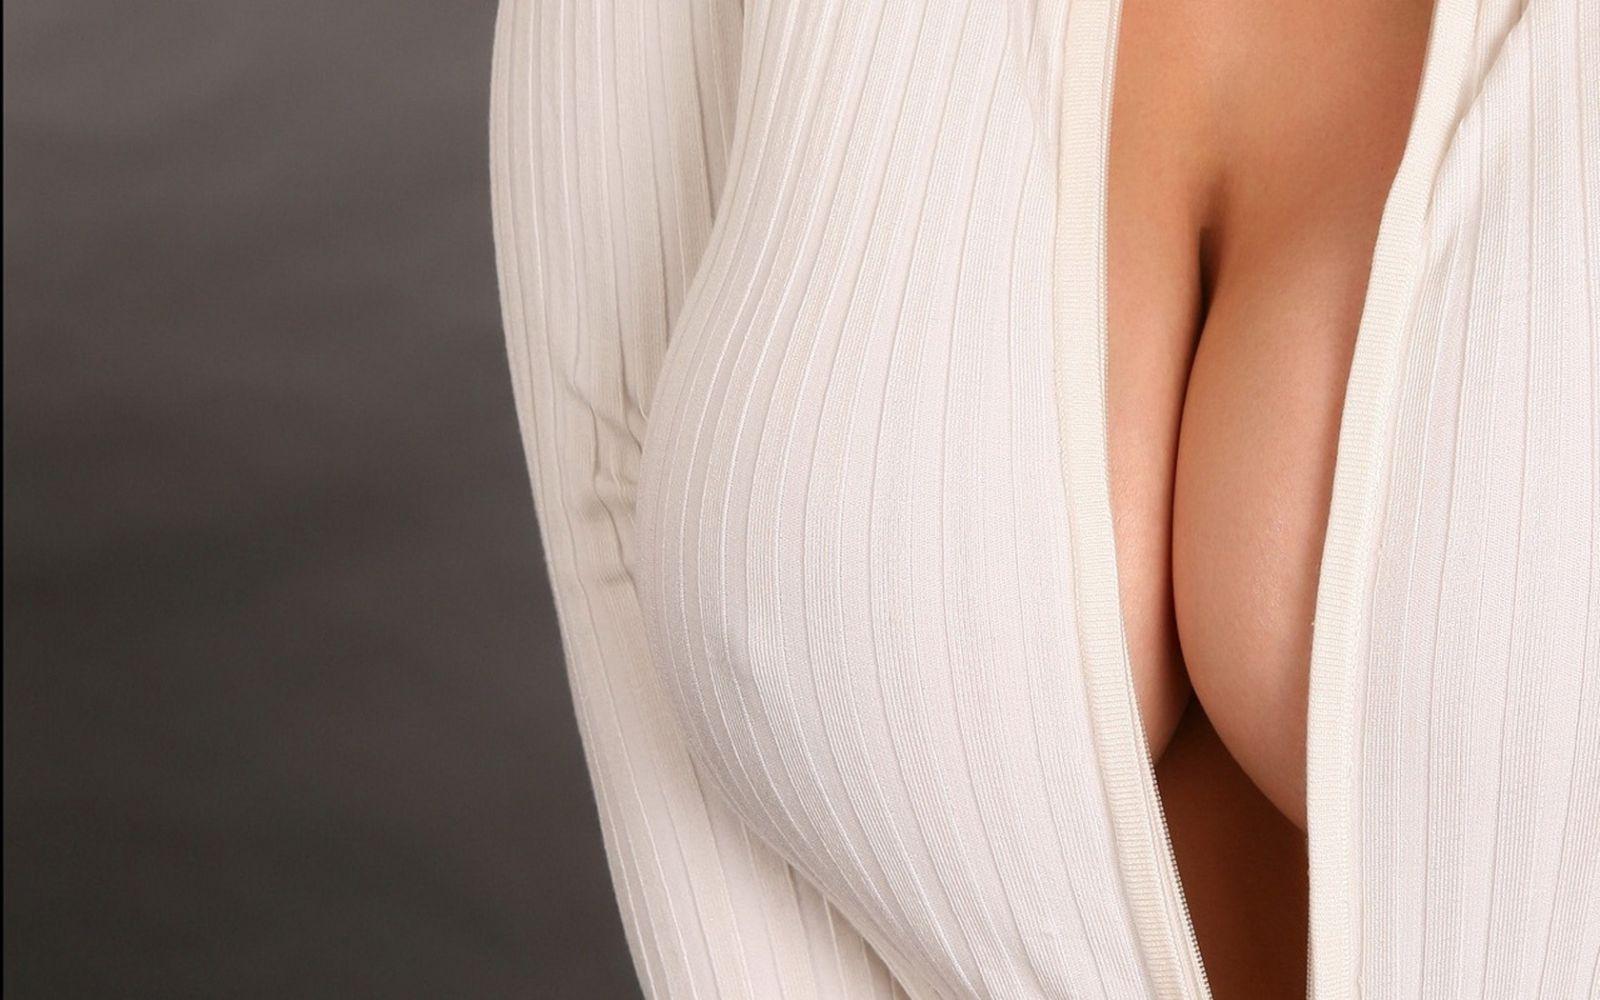 Анал толстожопых фотографии женской груди в высоком качестве клубы